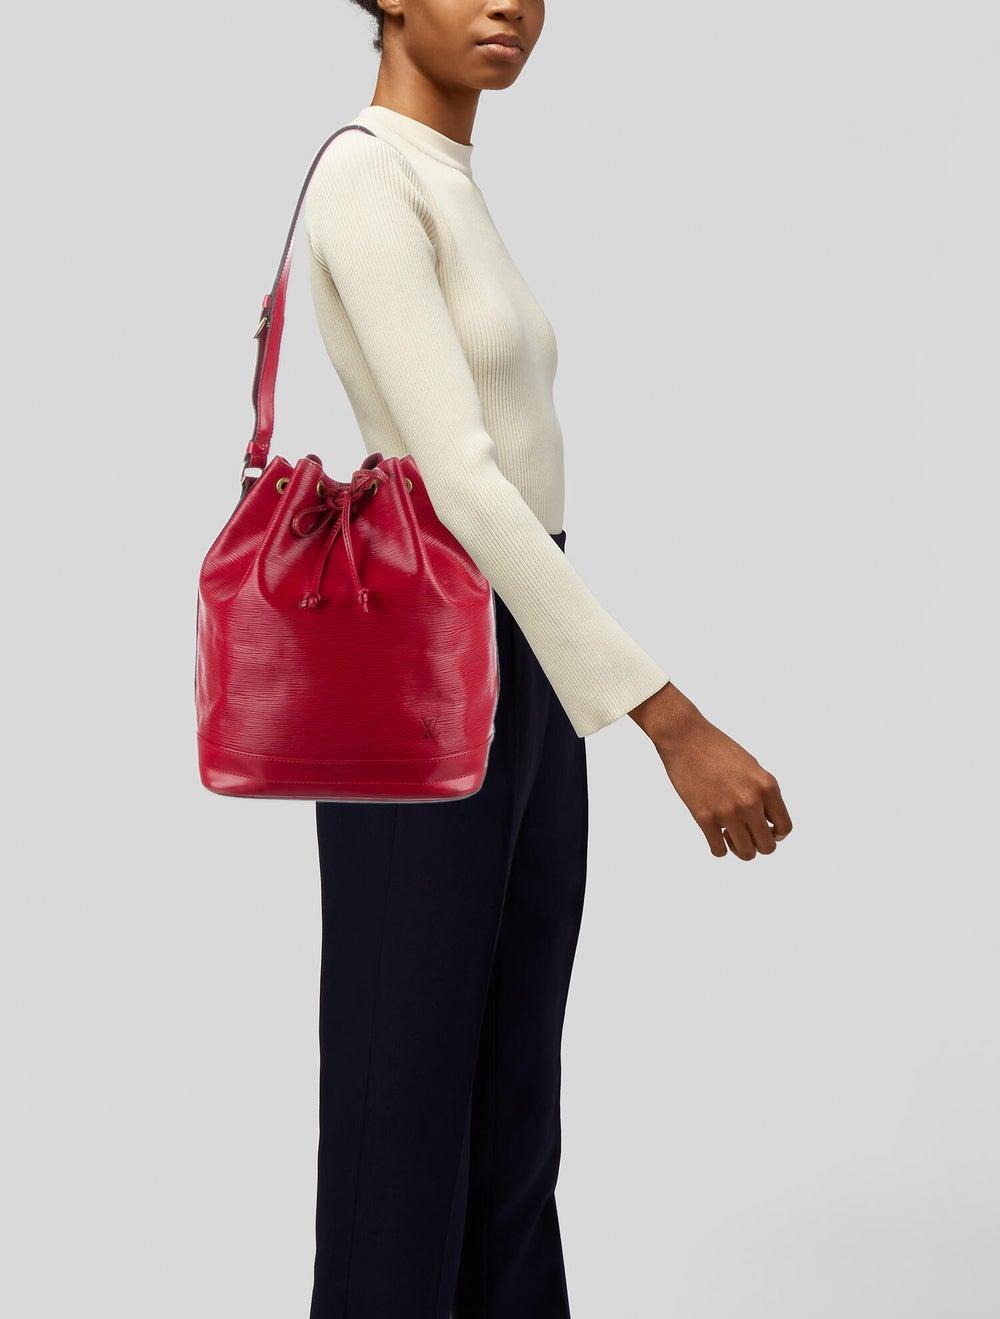 Louis Vuitton Vintage Epi Noé Red - image 2